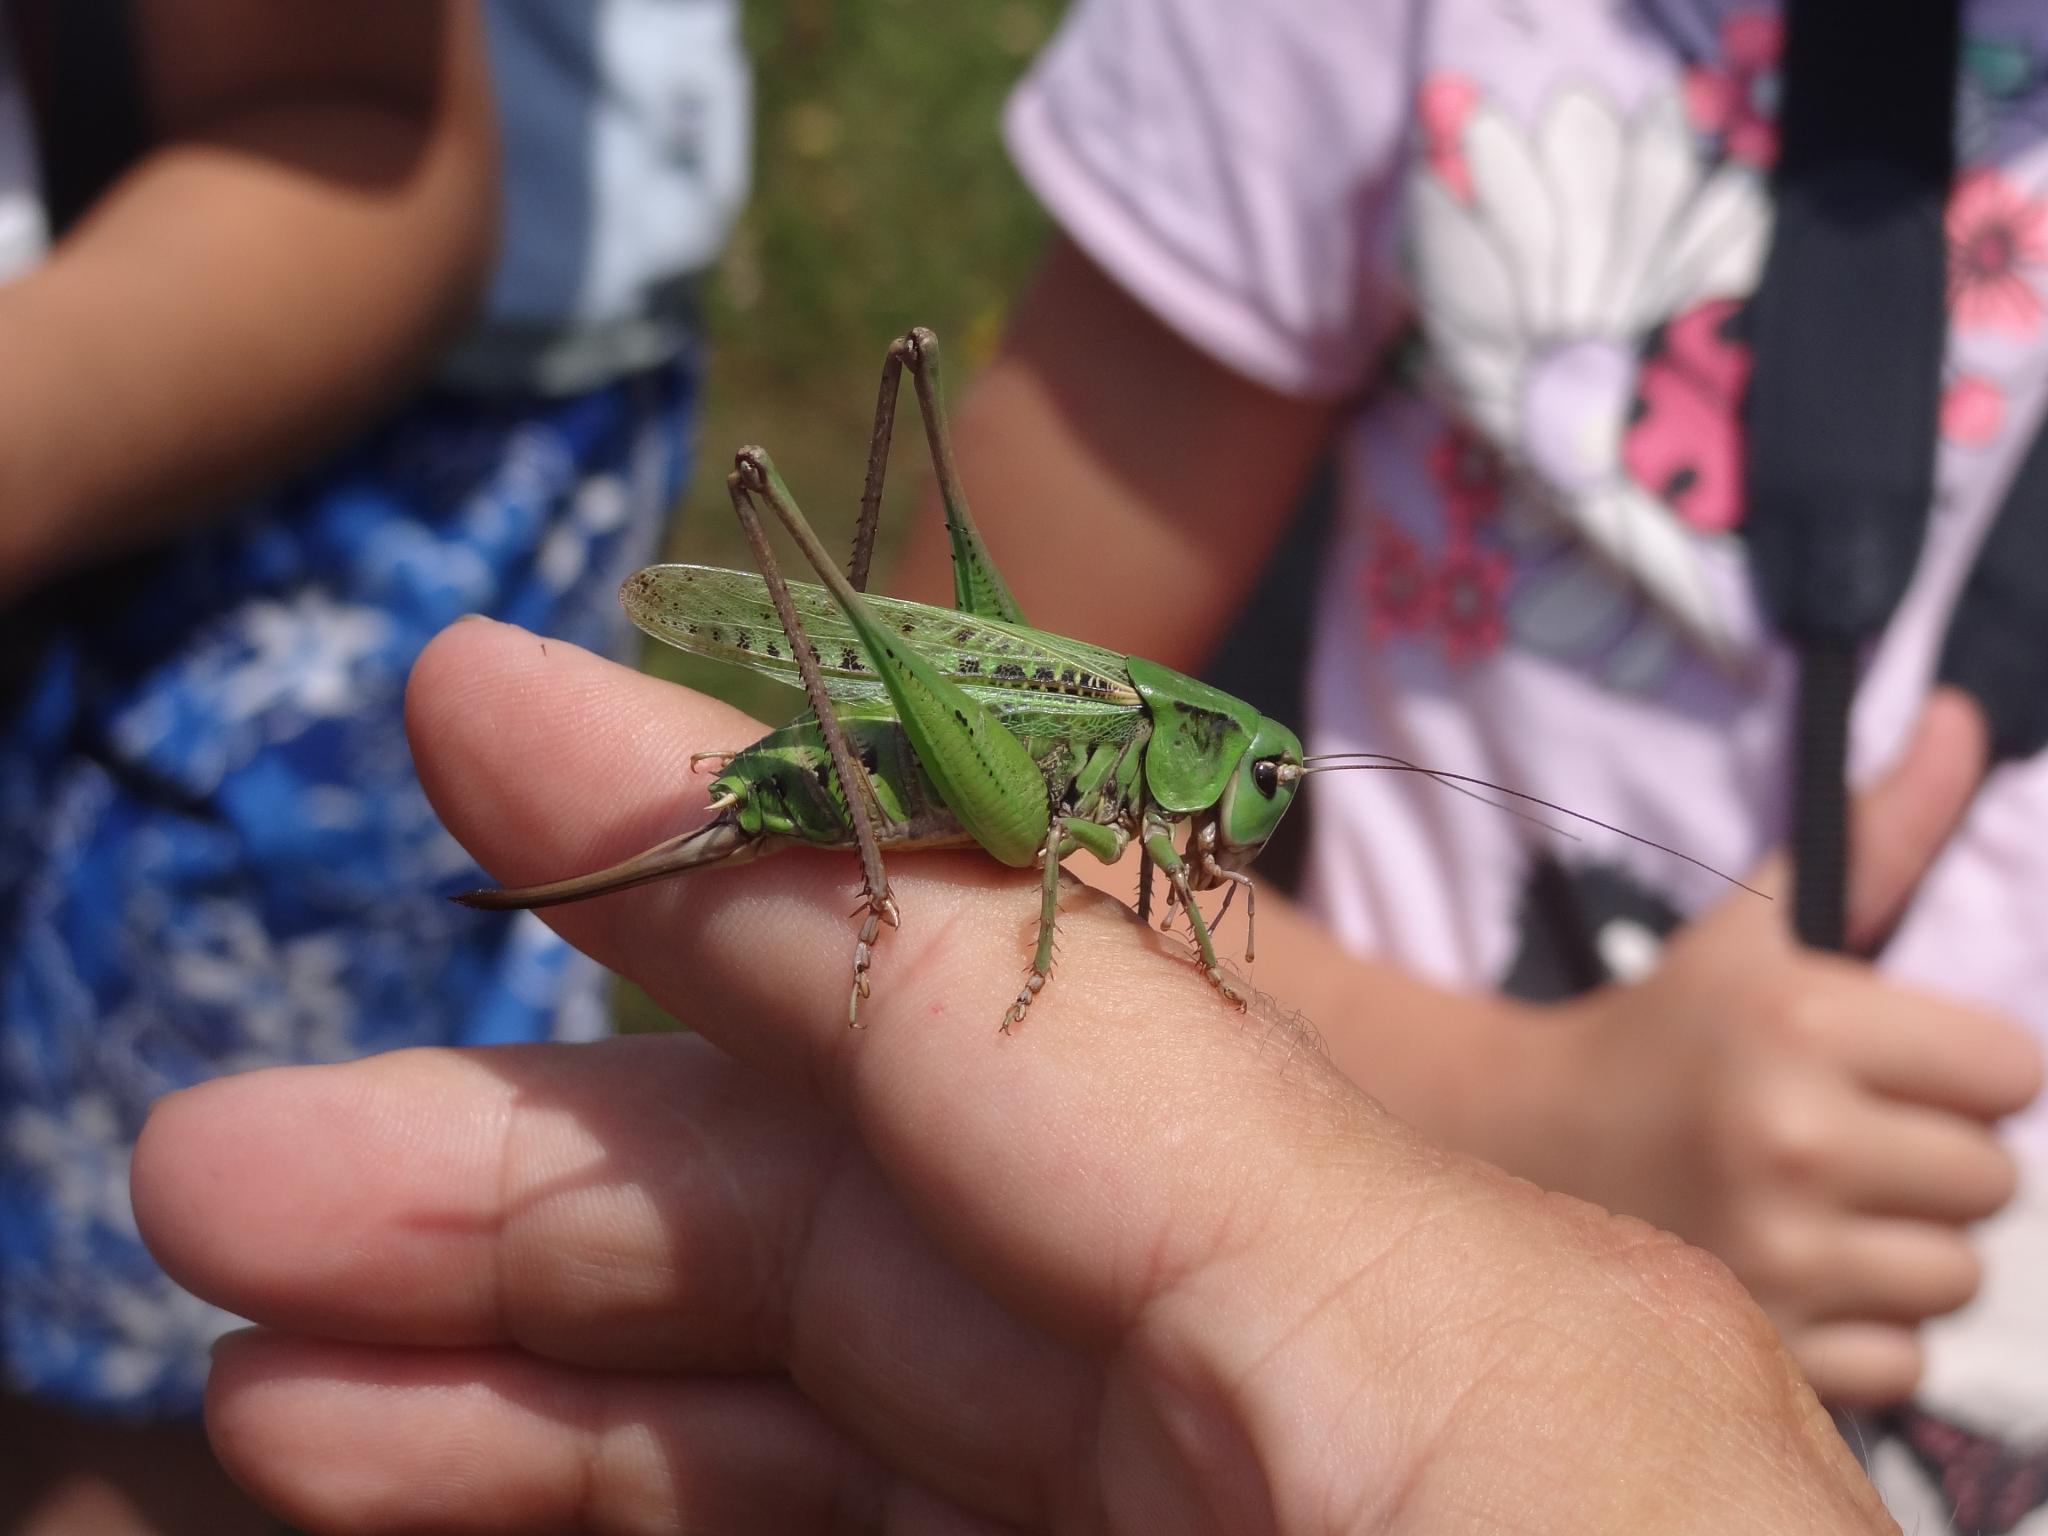 Grasssssshopper by nejc.rabuza